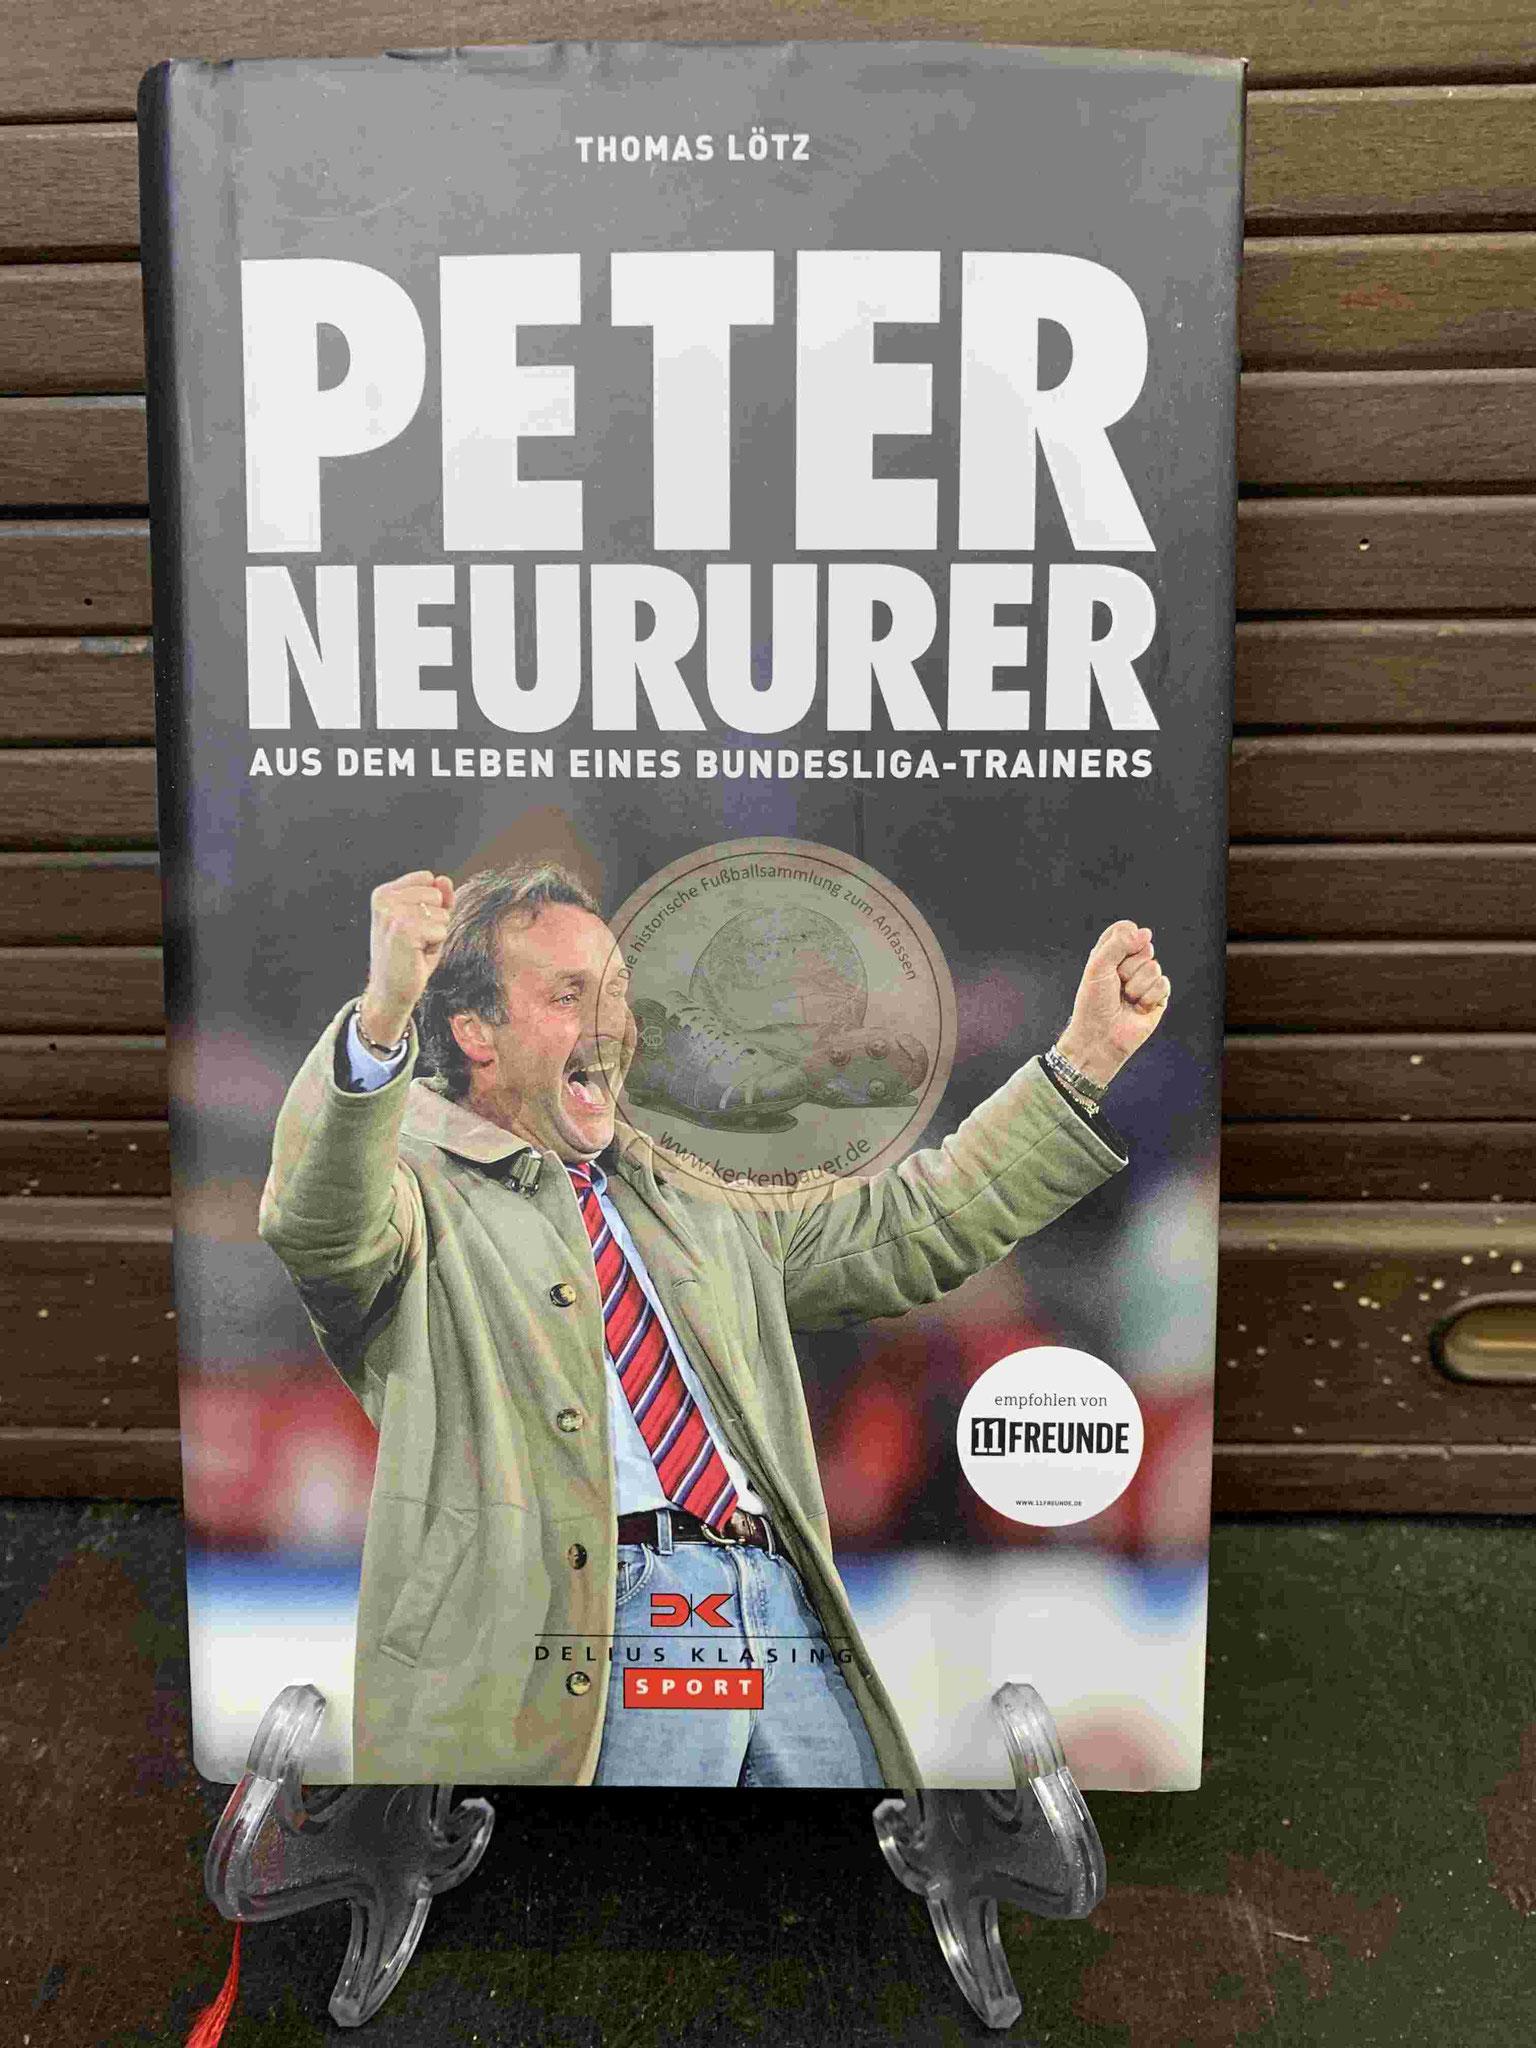 Peter Neururer Aus dem Leben eines Bundesliga-Trainers aus dem Jahr 2012